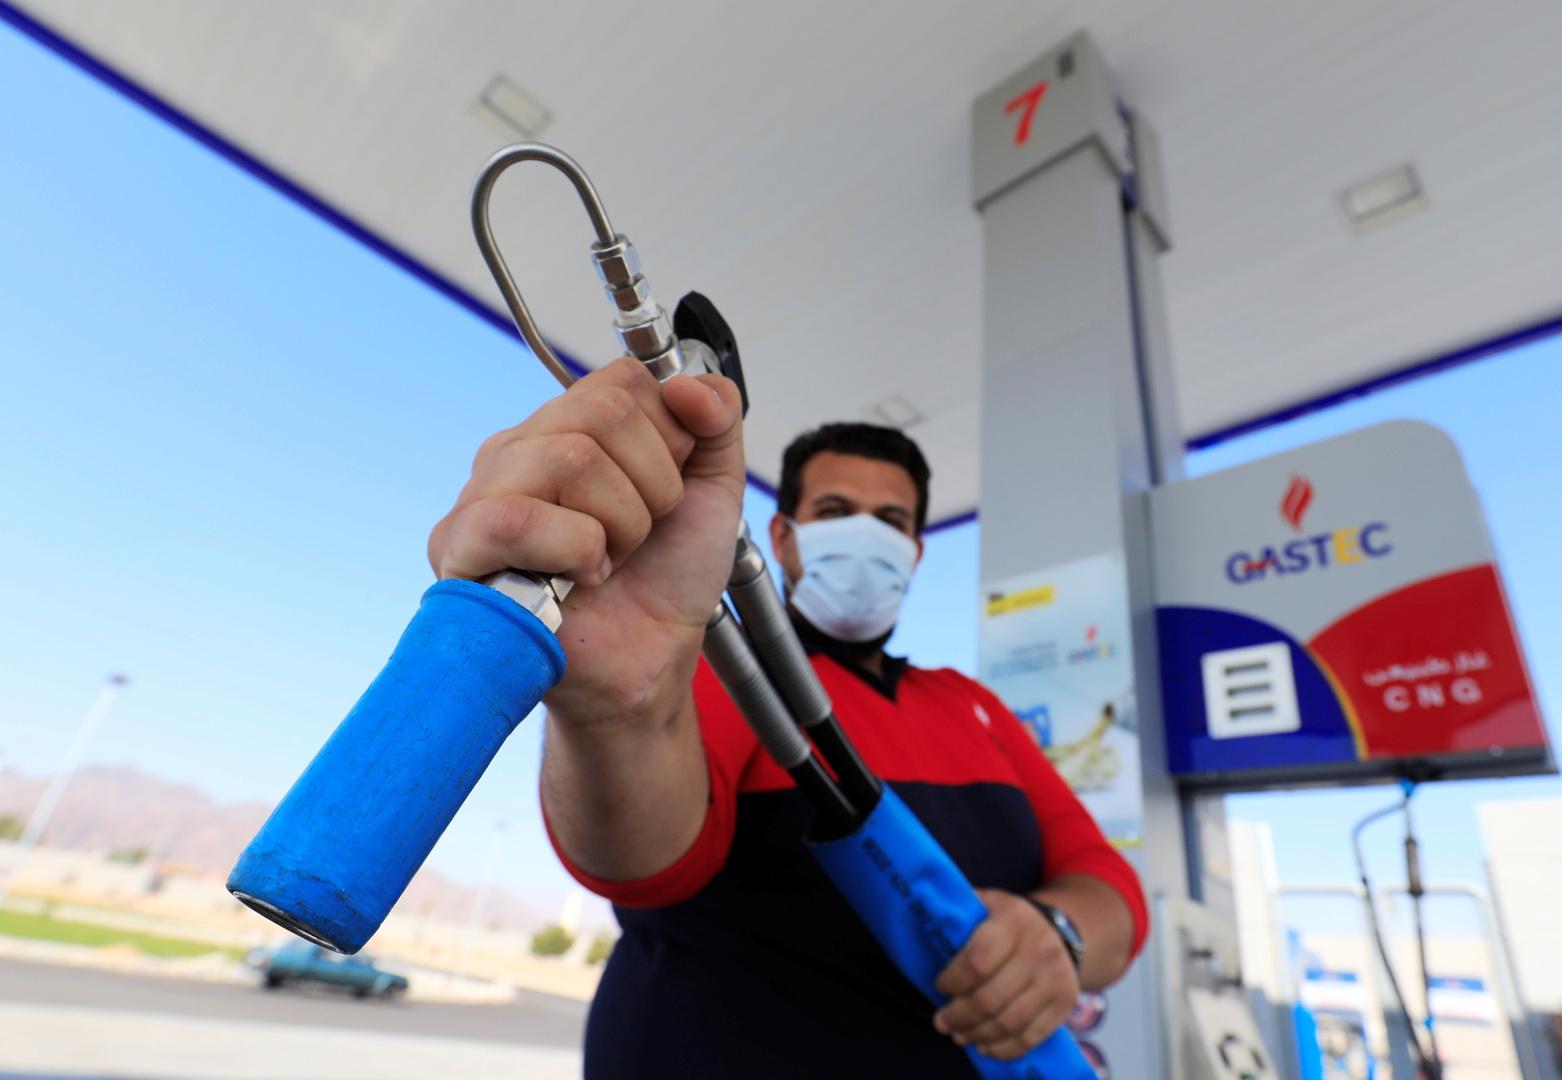 بعد تعديل أسعار البنزين.. السلطات المصرية تضع حدا للشائعات